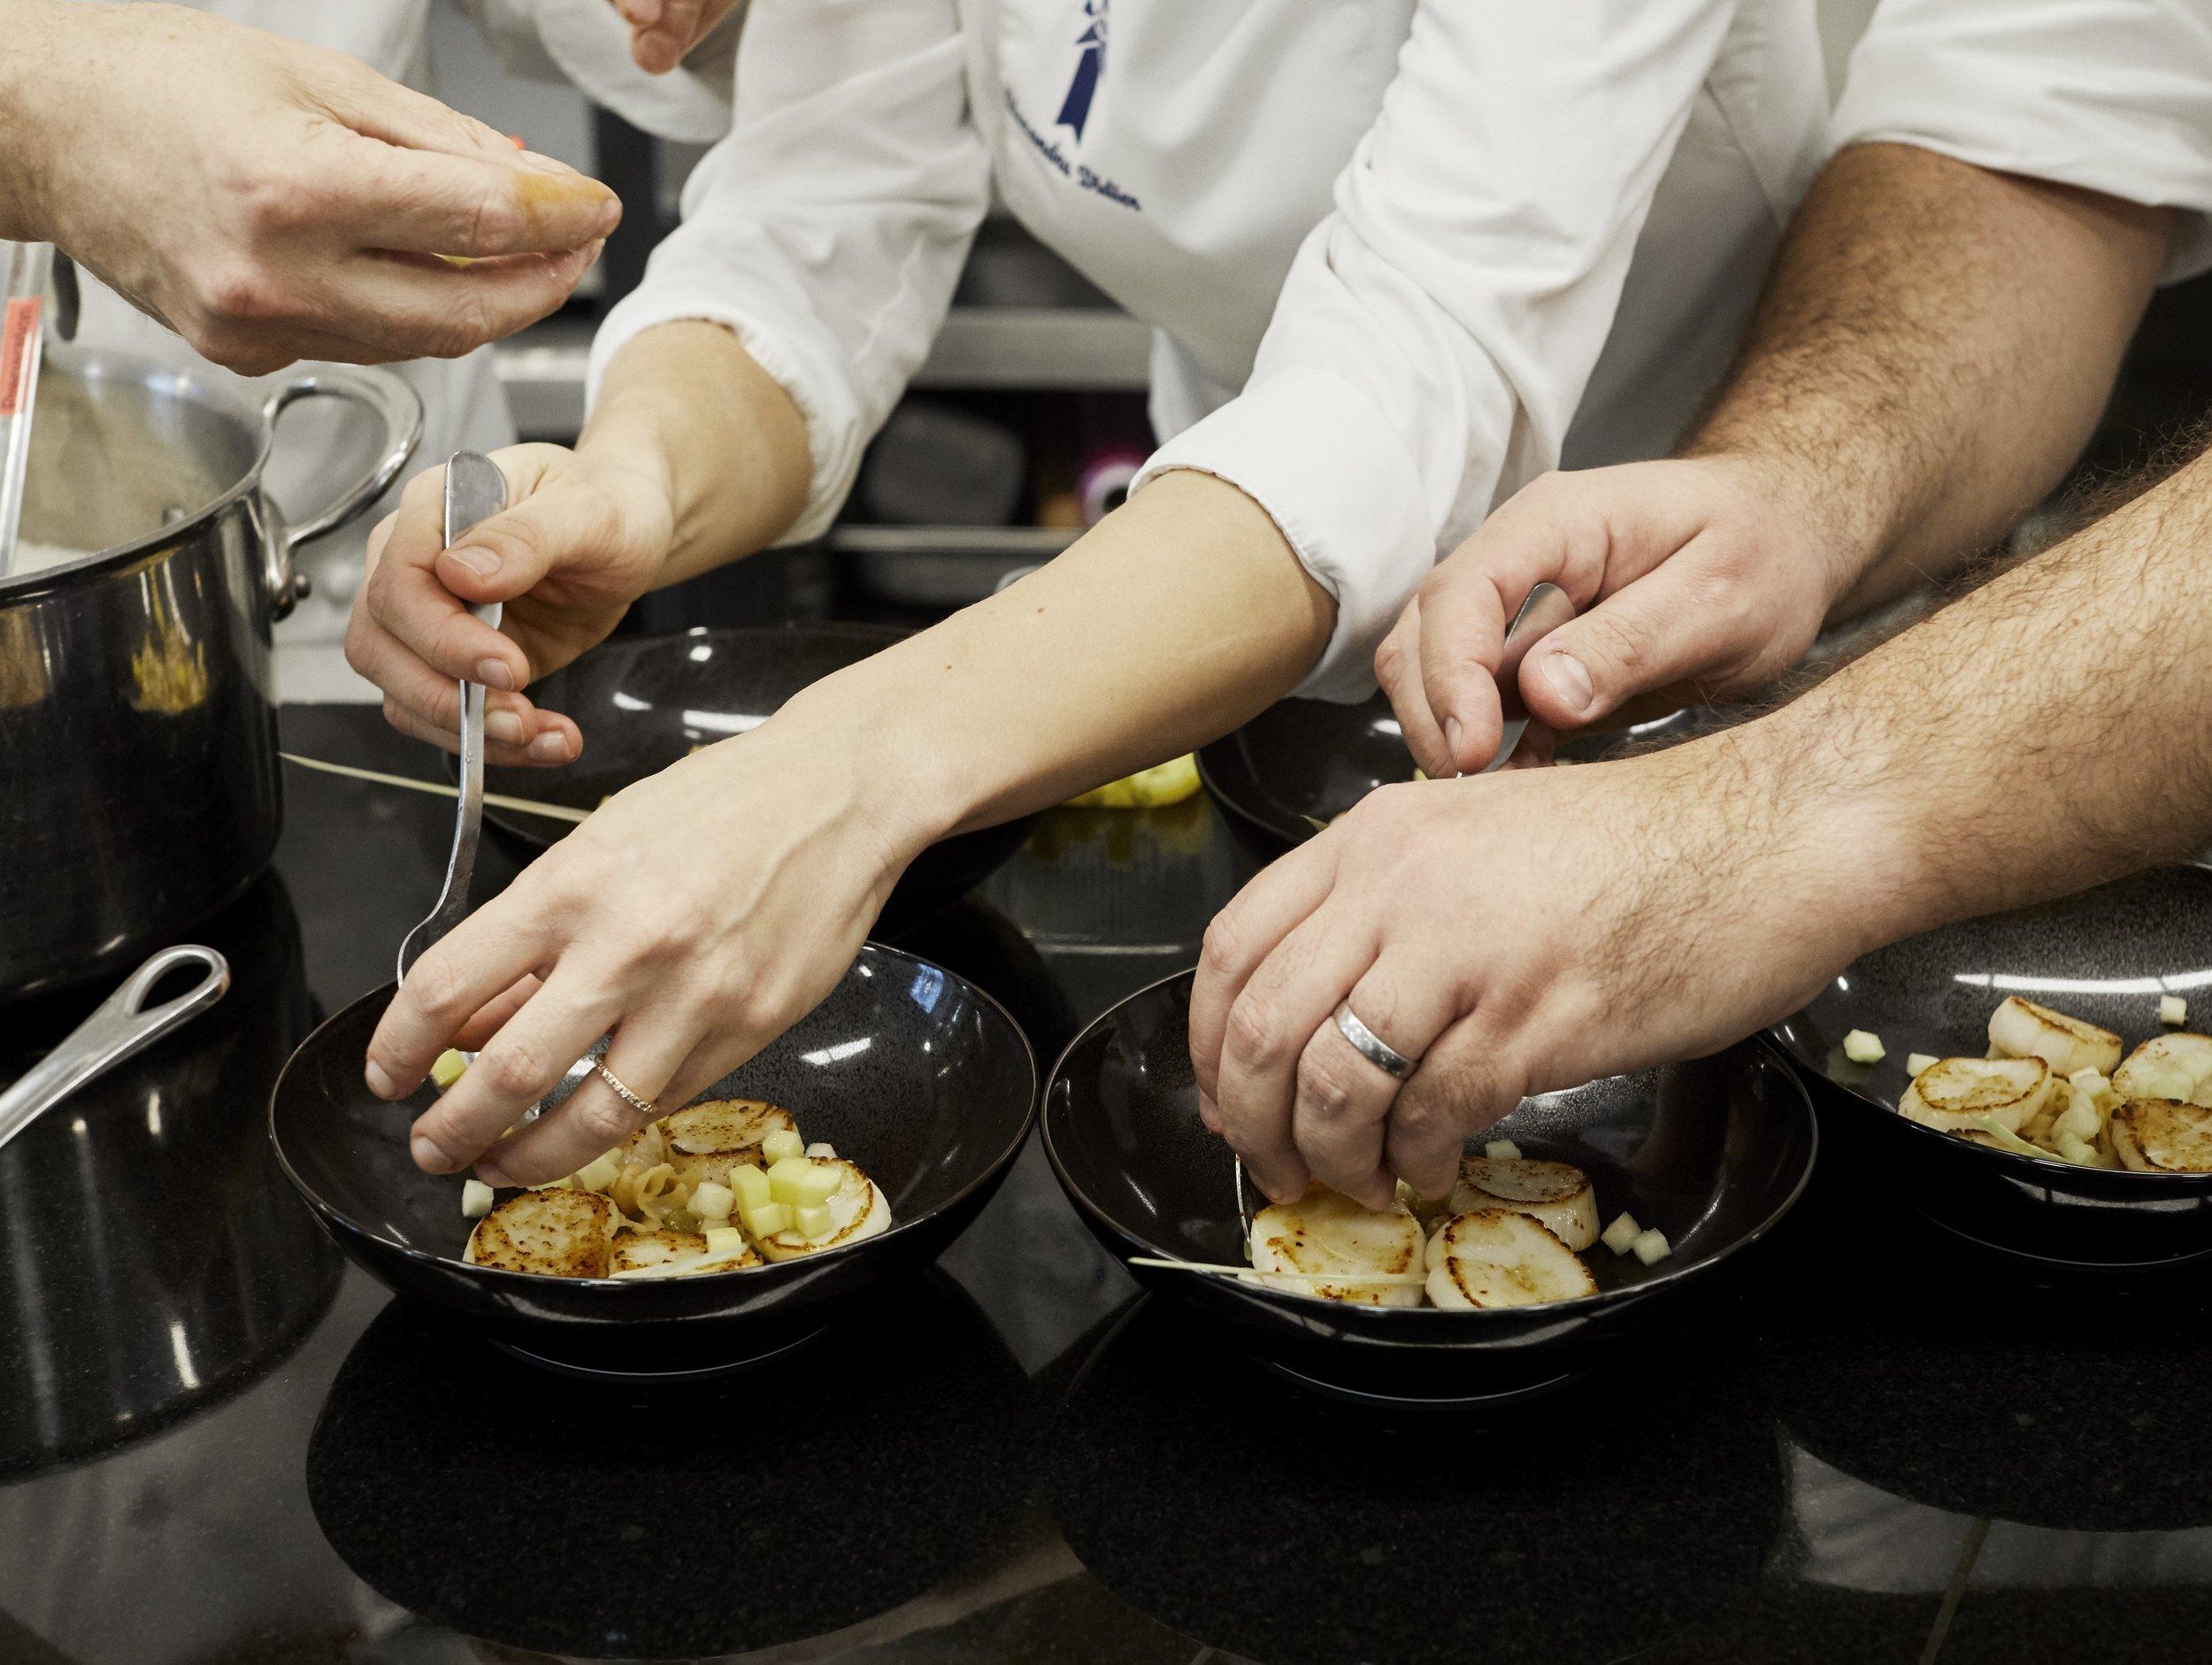 Les cuisiniers du Cordon Bleu en pleine action. Crédits photo : Aglaé Bory